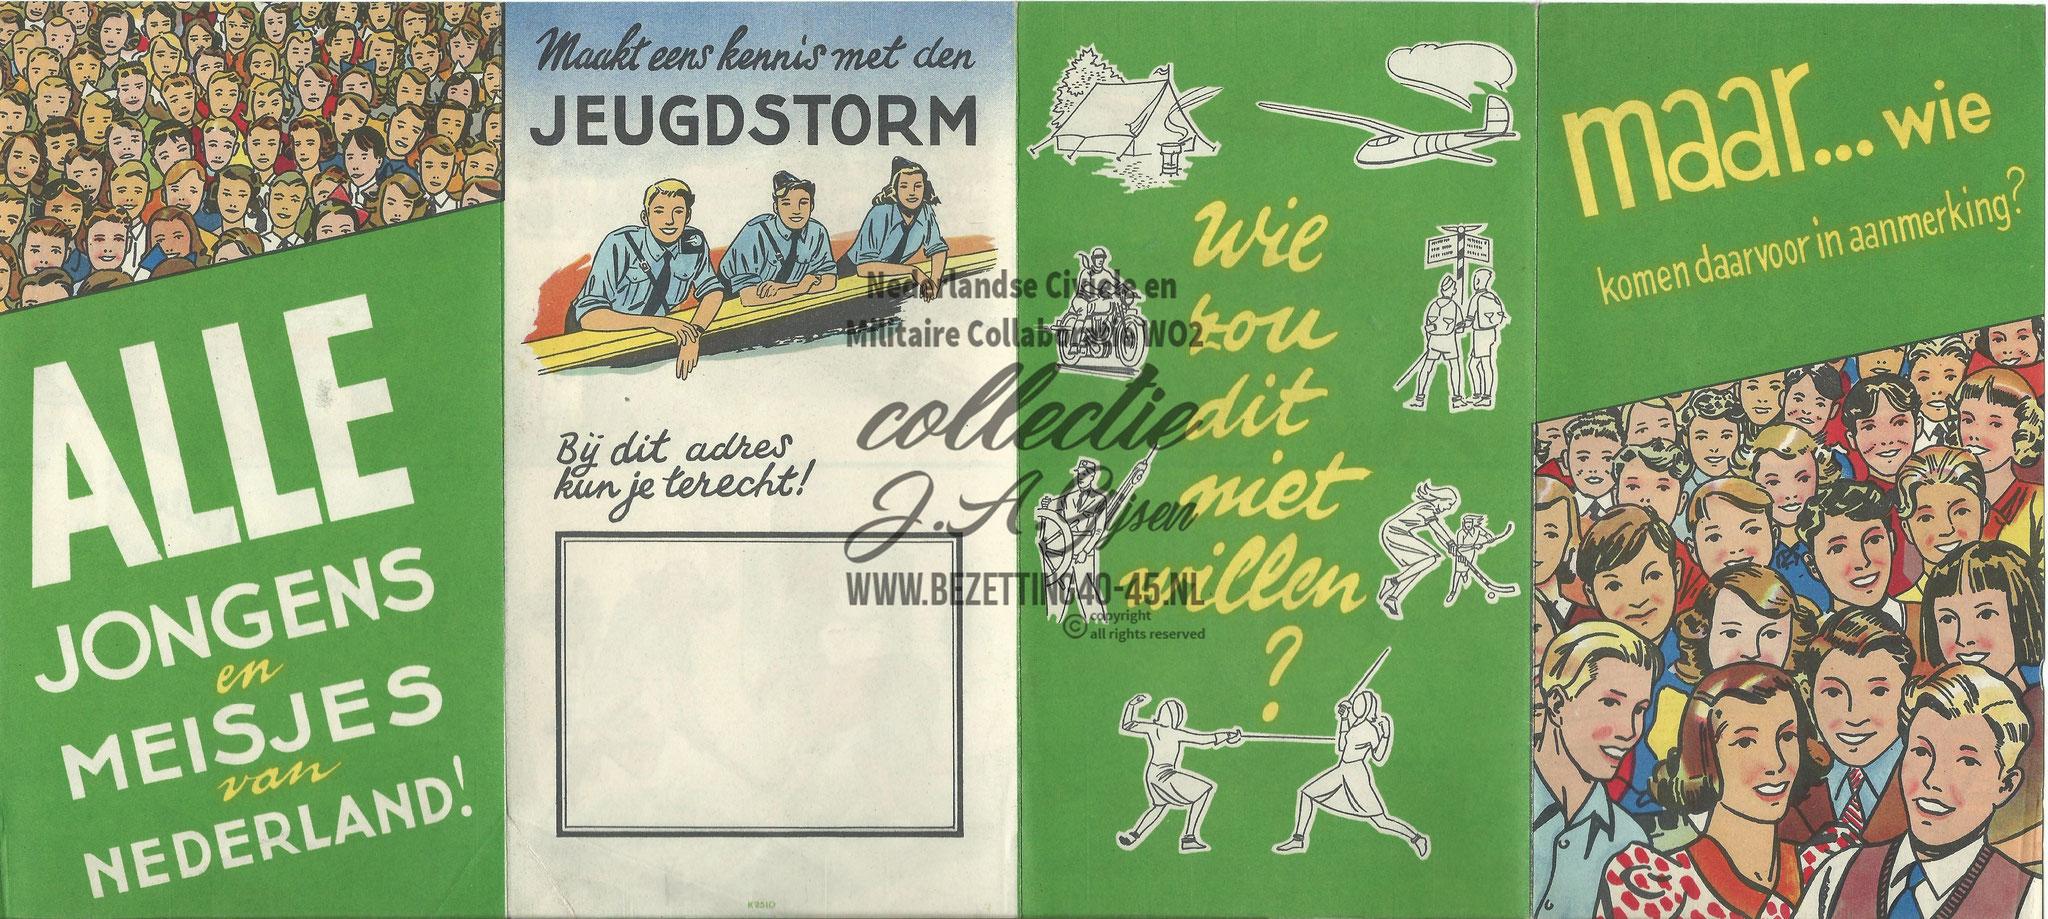 """Jeugdstorm brochure """"Alle Jongens en meisjes van Nederland!"""" 40 x 18 cm."""